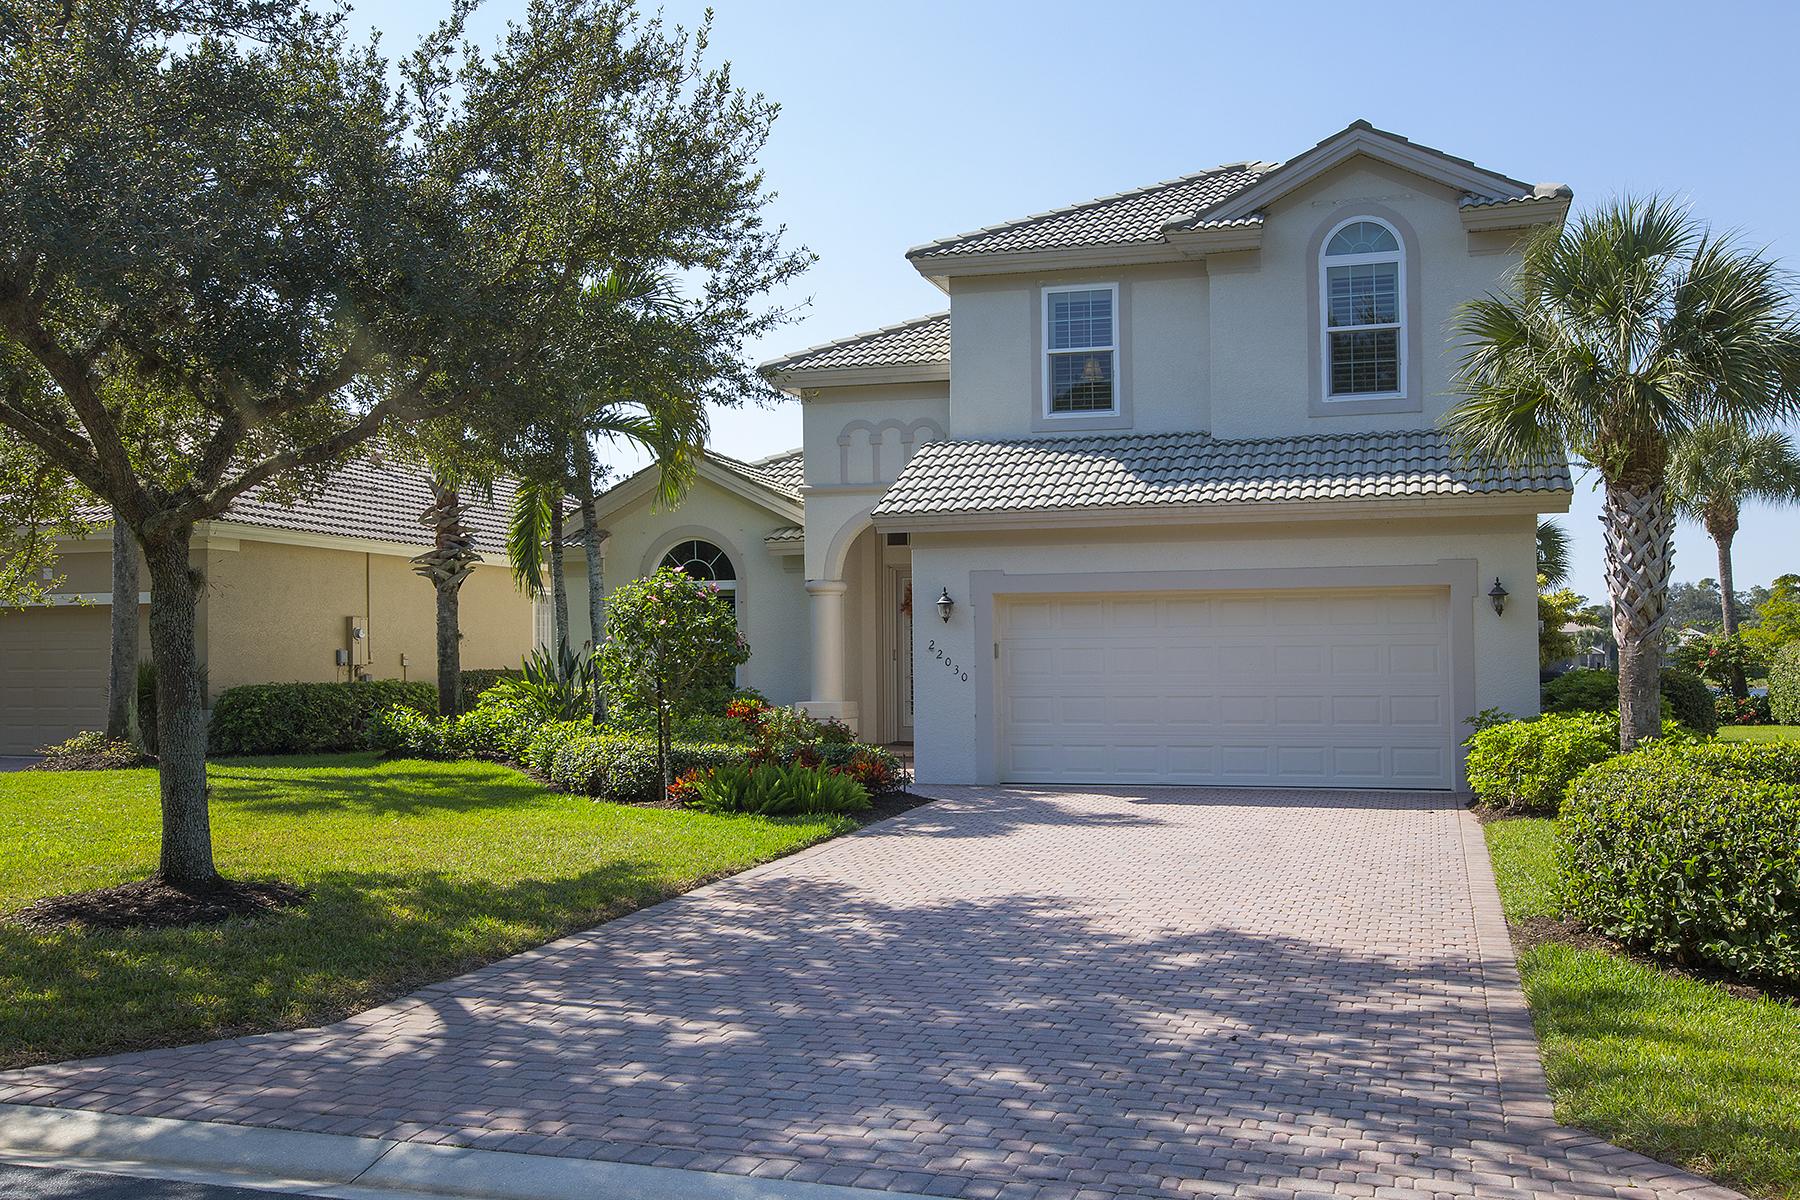 Einfamilienhaus für Verkauf beim LONGLEAF - SHADOW WOOD AT THE BROOKS 22030 Longleaf Trail Dr Estero, Florida, 34135 Vereinigte Staaten